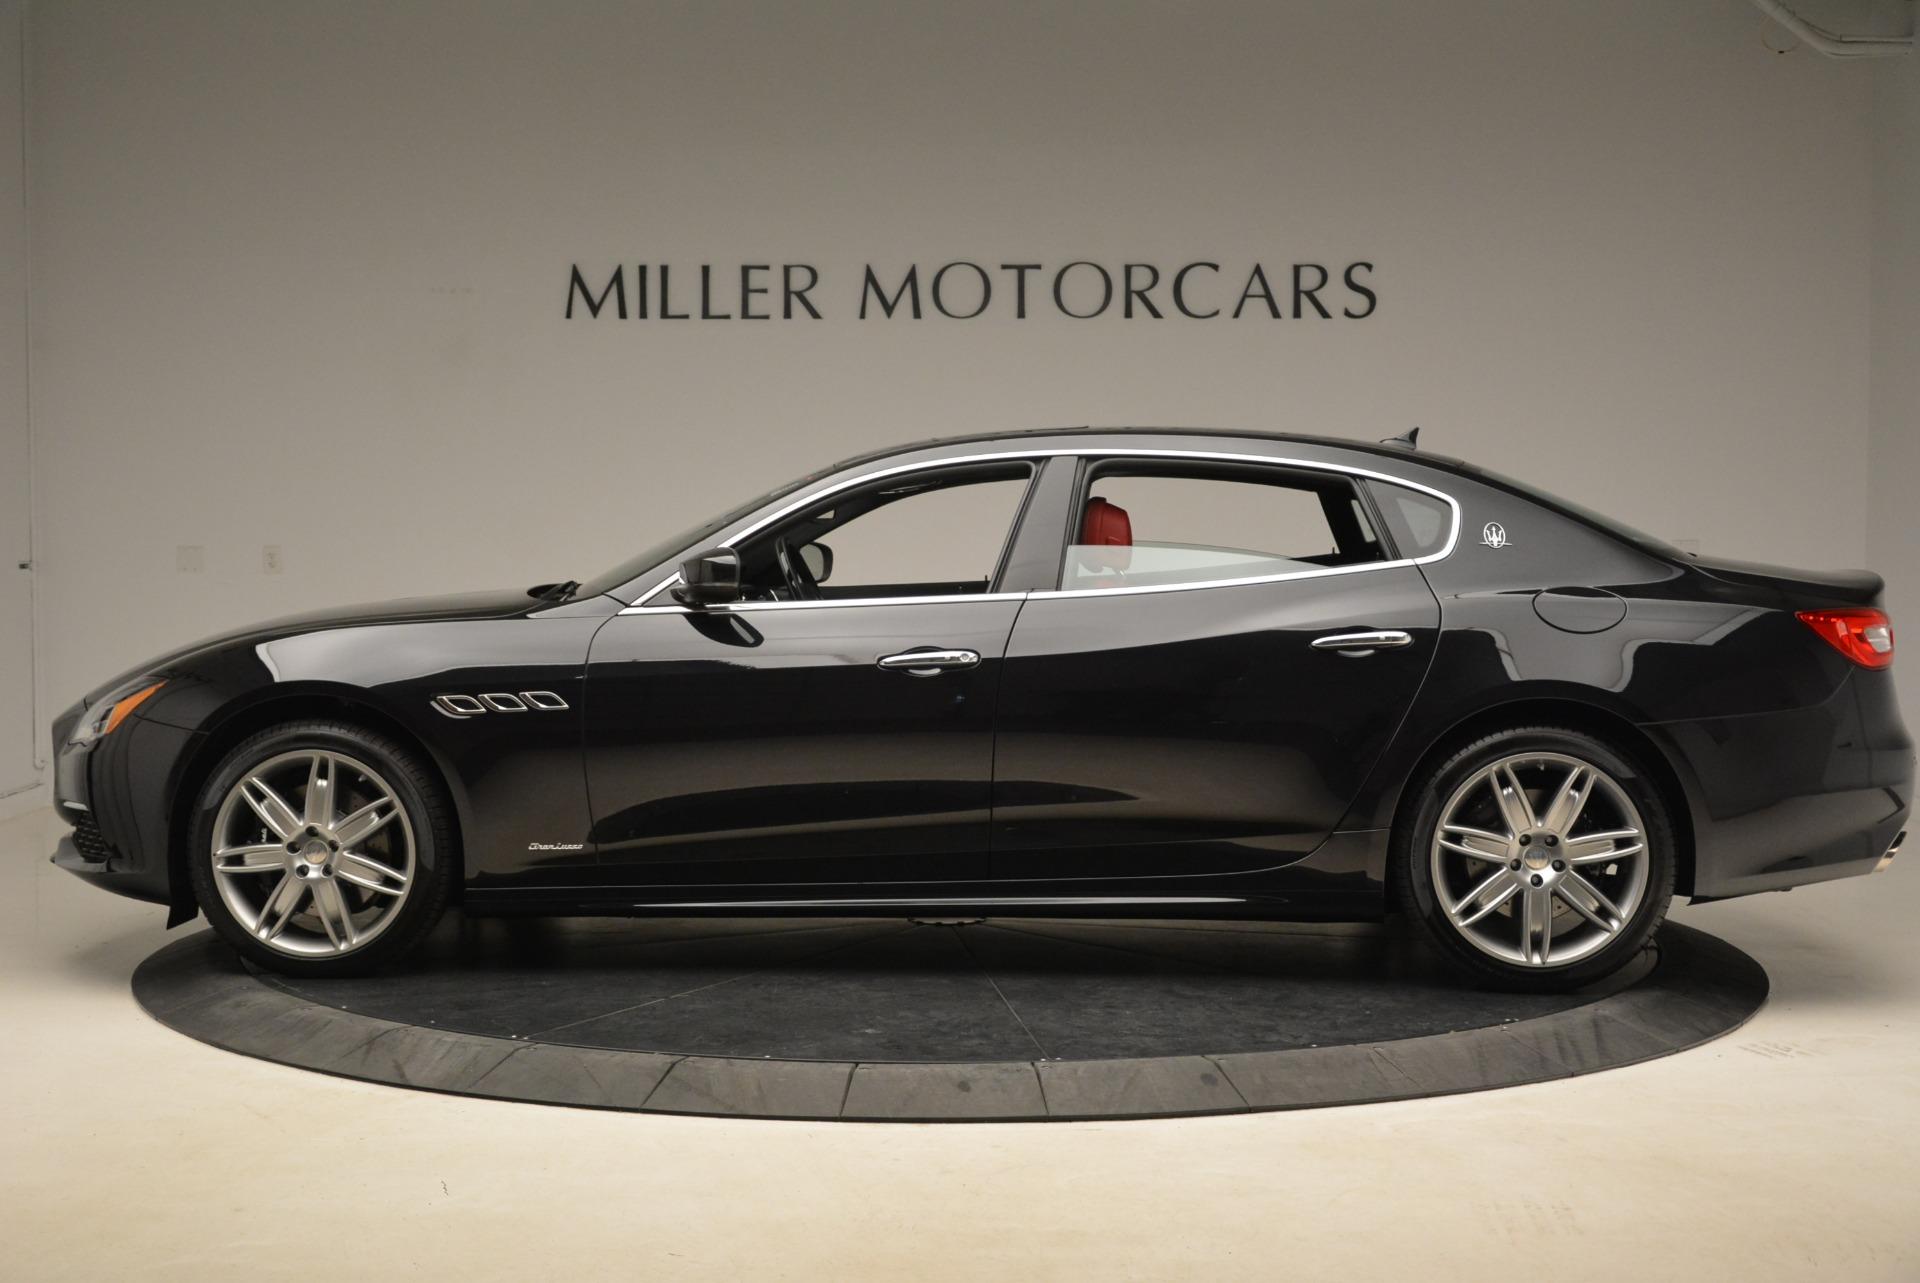 New 2018 Maserati Quattroporte S Q4 GranLusso For Sale In Greenwich, CT 2390_p3